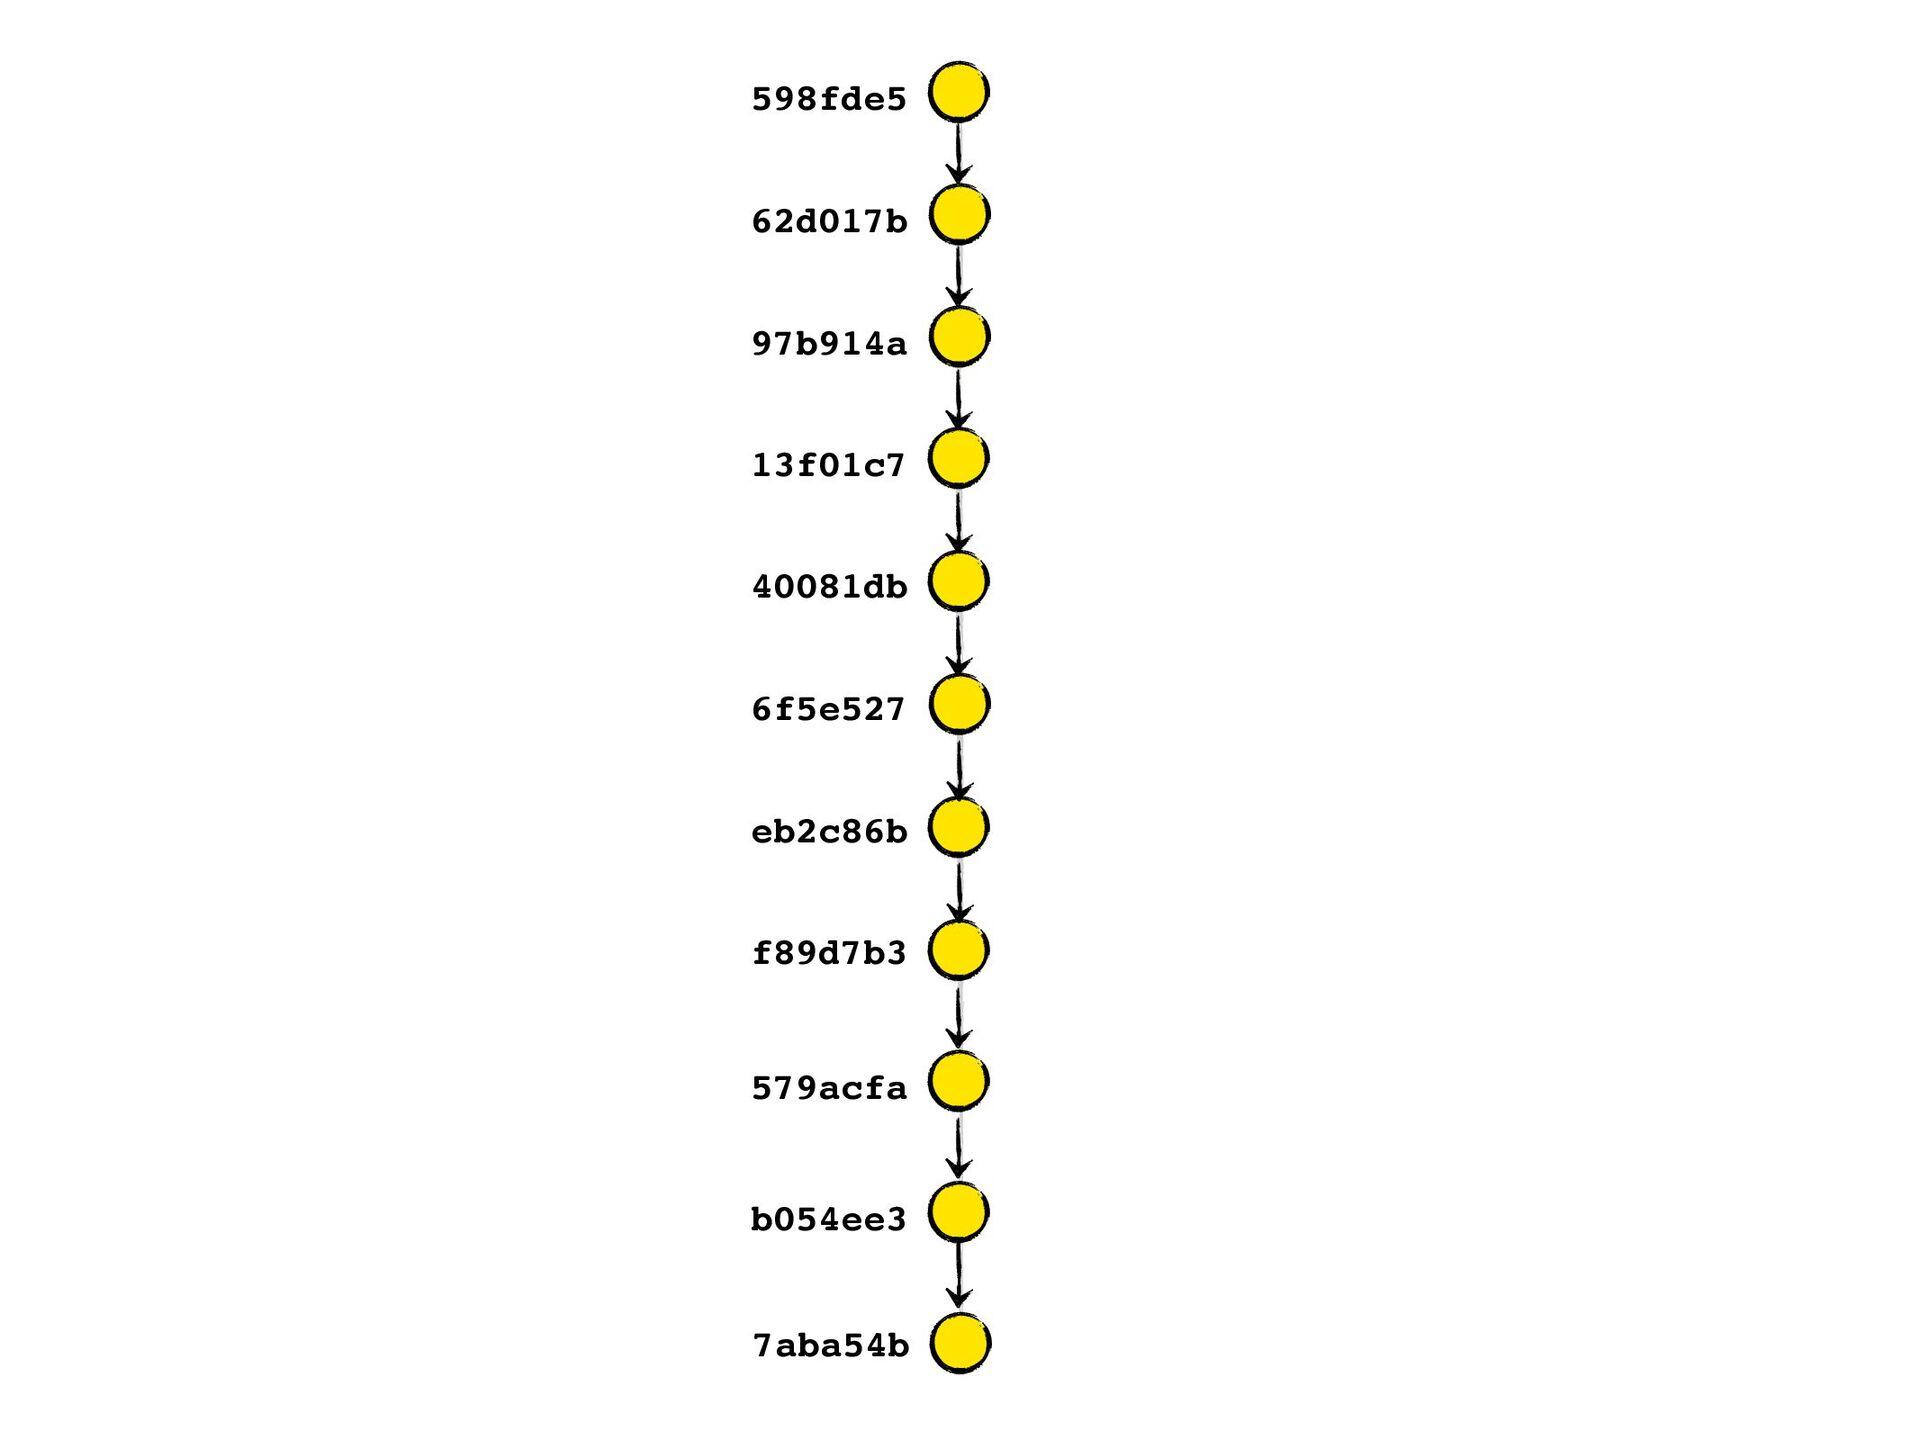 598fde5 62d017b 97b914a 13f01c7 40081db 6f5e527...